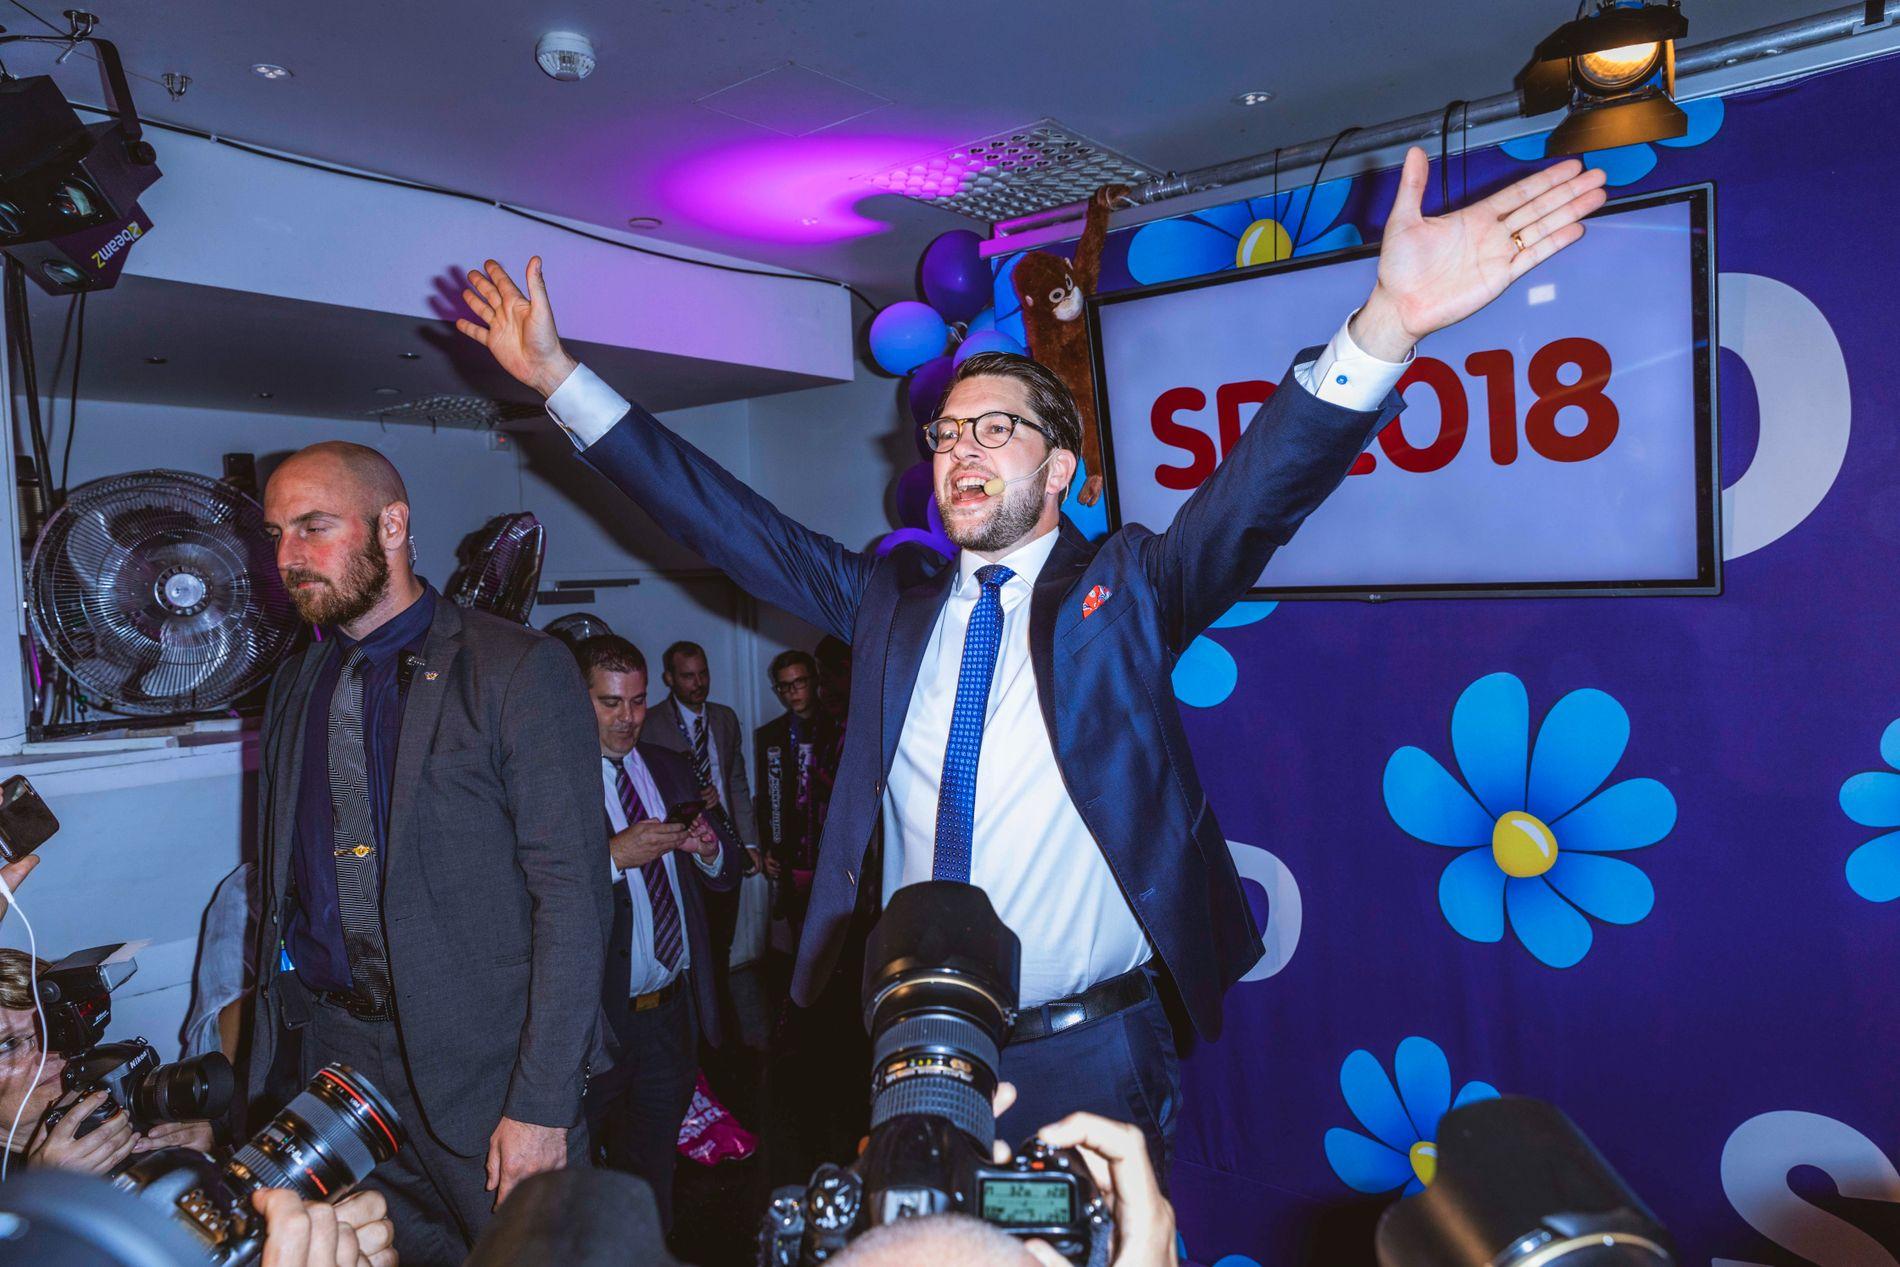 JUBLET: SD-partileder Jimmie Åkesson på deres valgvake.